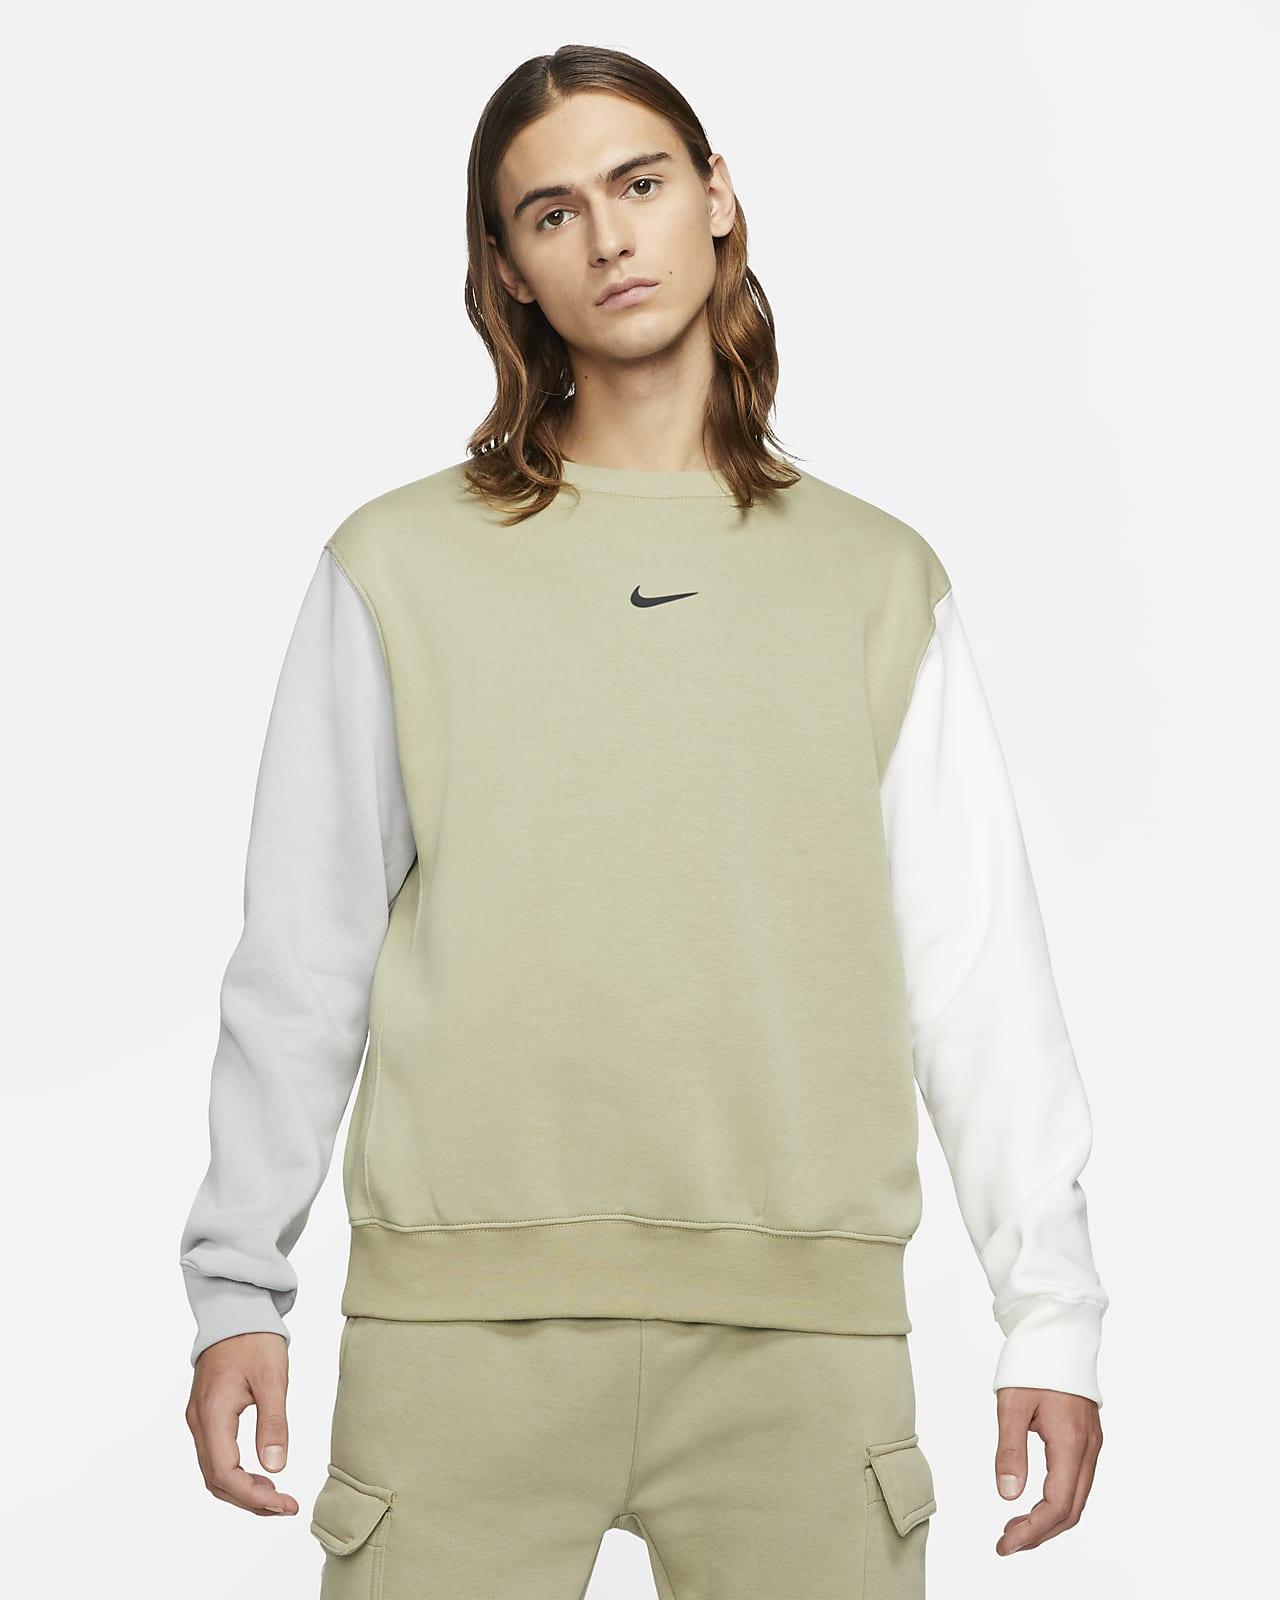 Nike Sportswear Men's Fleece Swoosh Crew